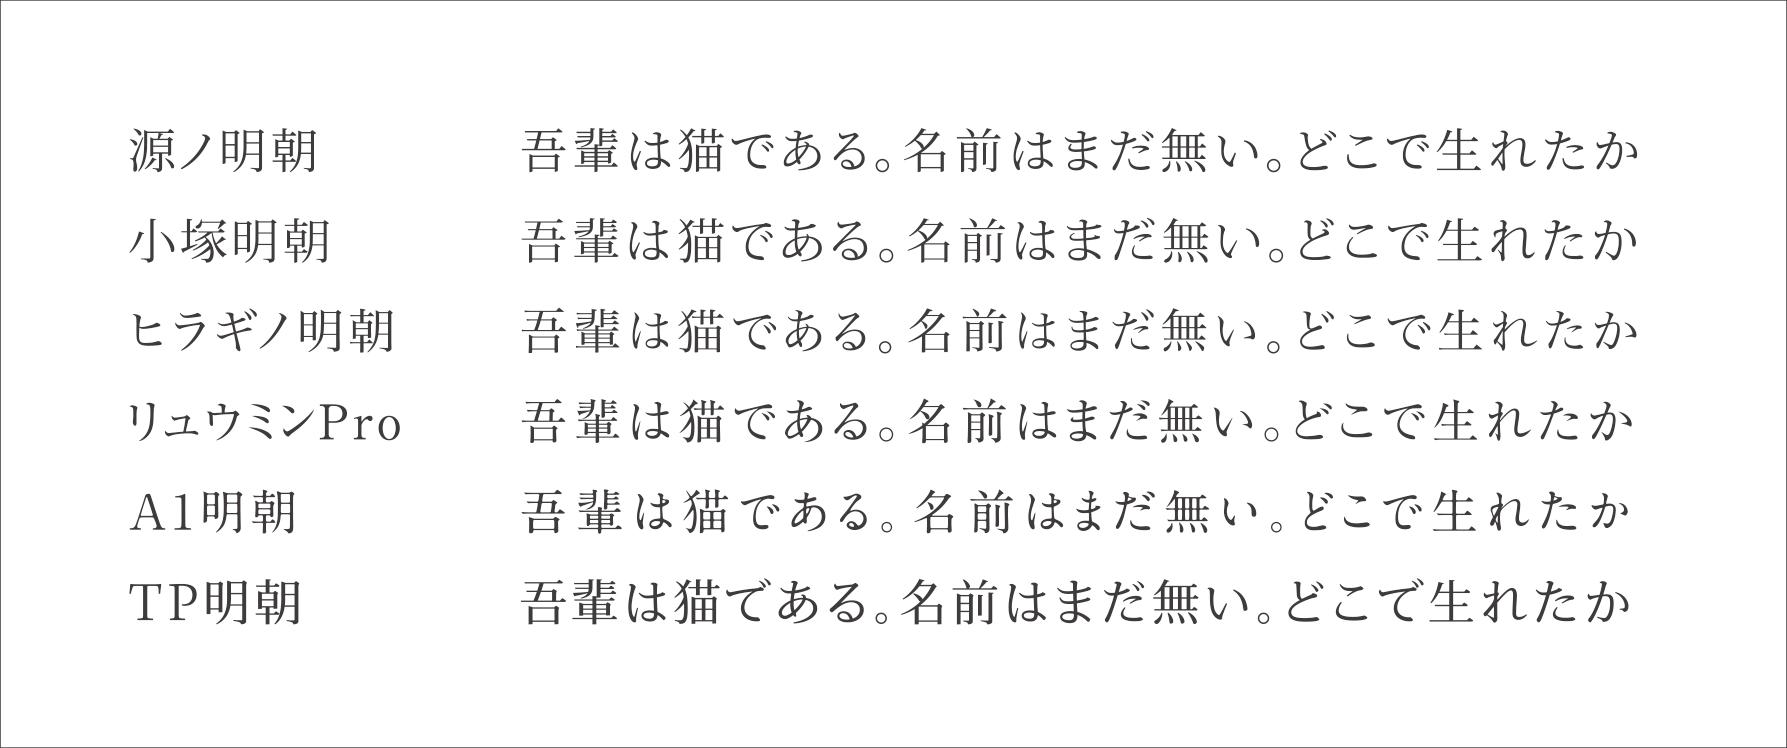 比較:源ノ明朝/小塚明朝/ヒラギノ明朝/リュウミンPro/A1明朝/ヒTP明朝